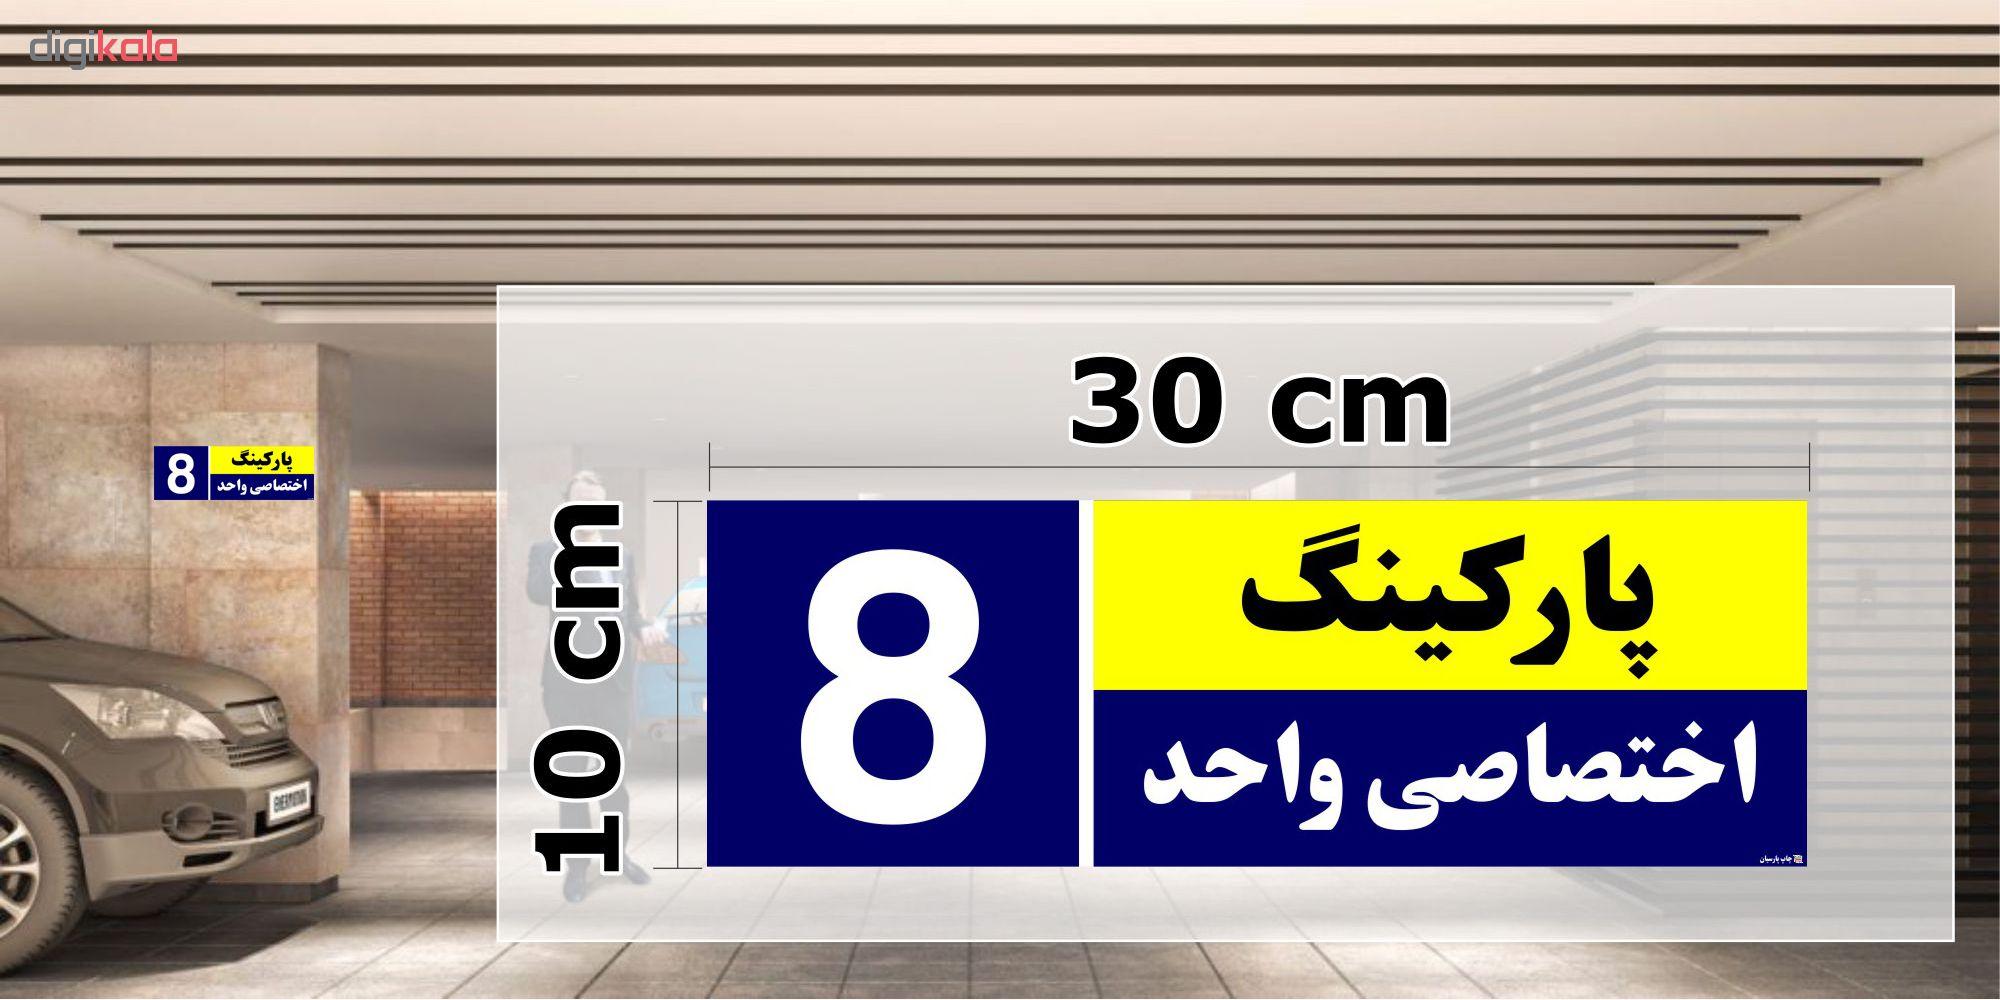 تابلو نشانگر چاپ پارسیان طرح شماره پارکینگ اختصاصی واحد 8